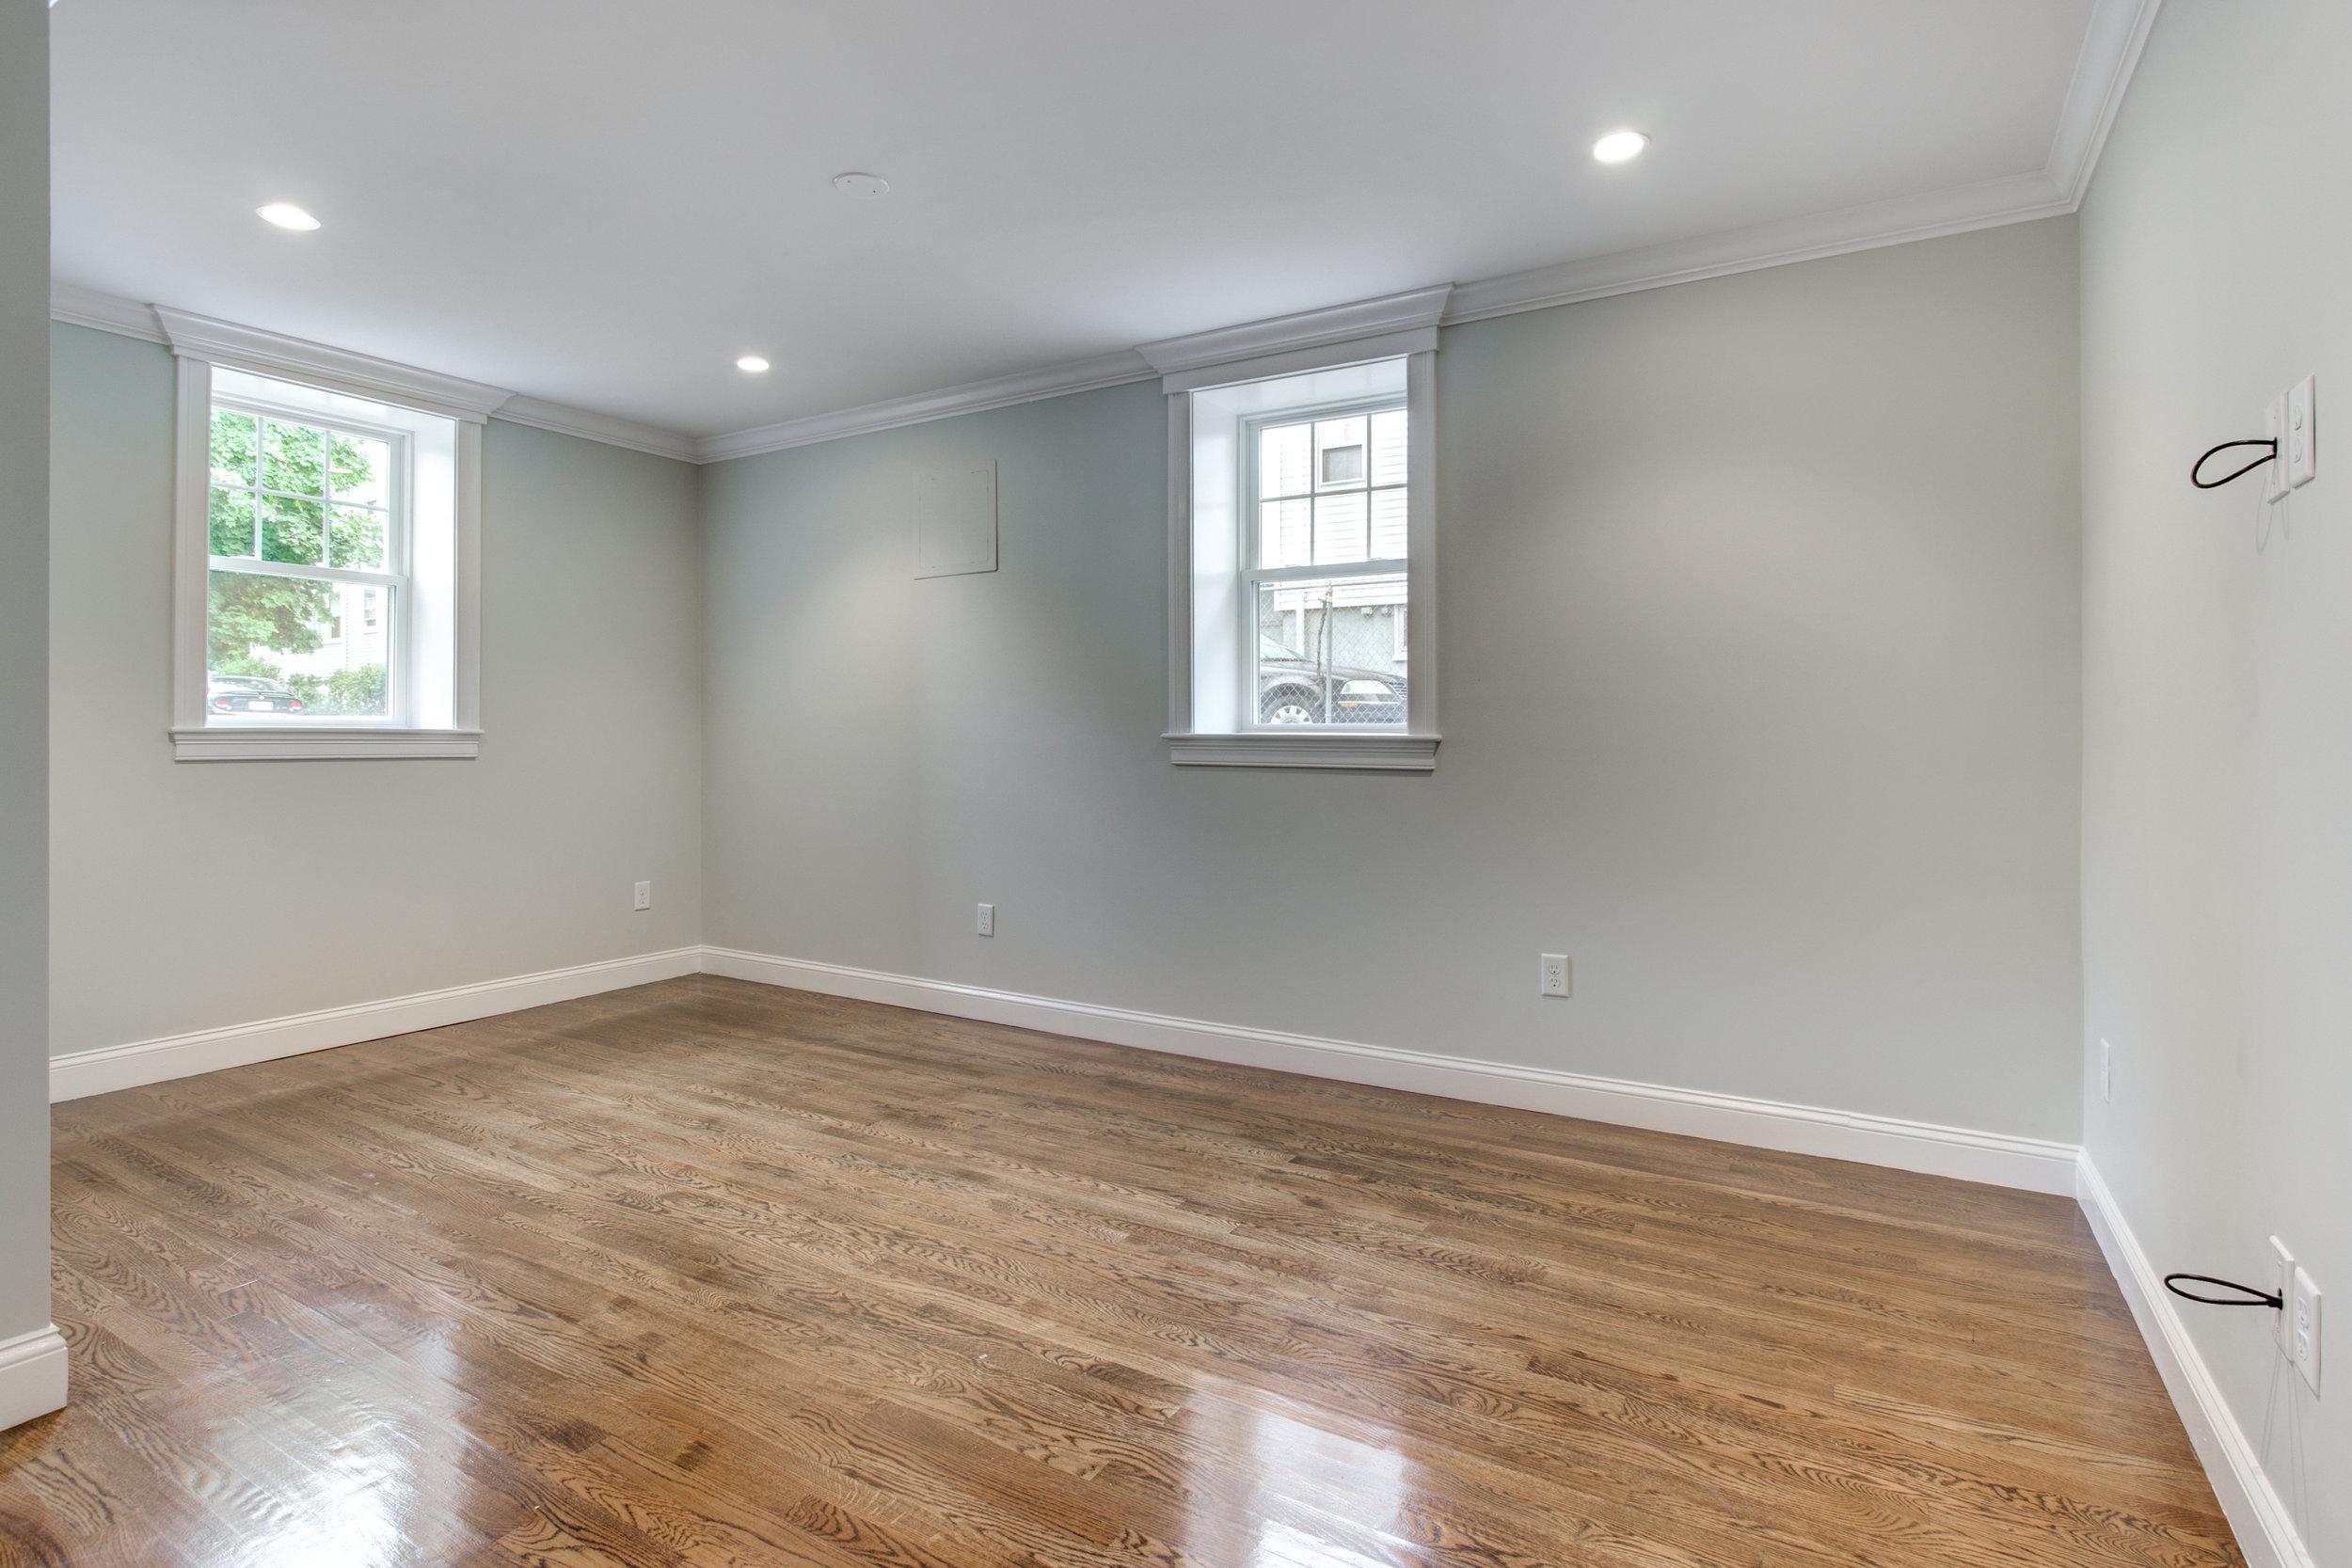 6_Lower_Level_Room1.jpg